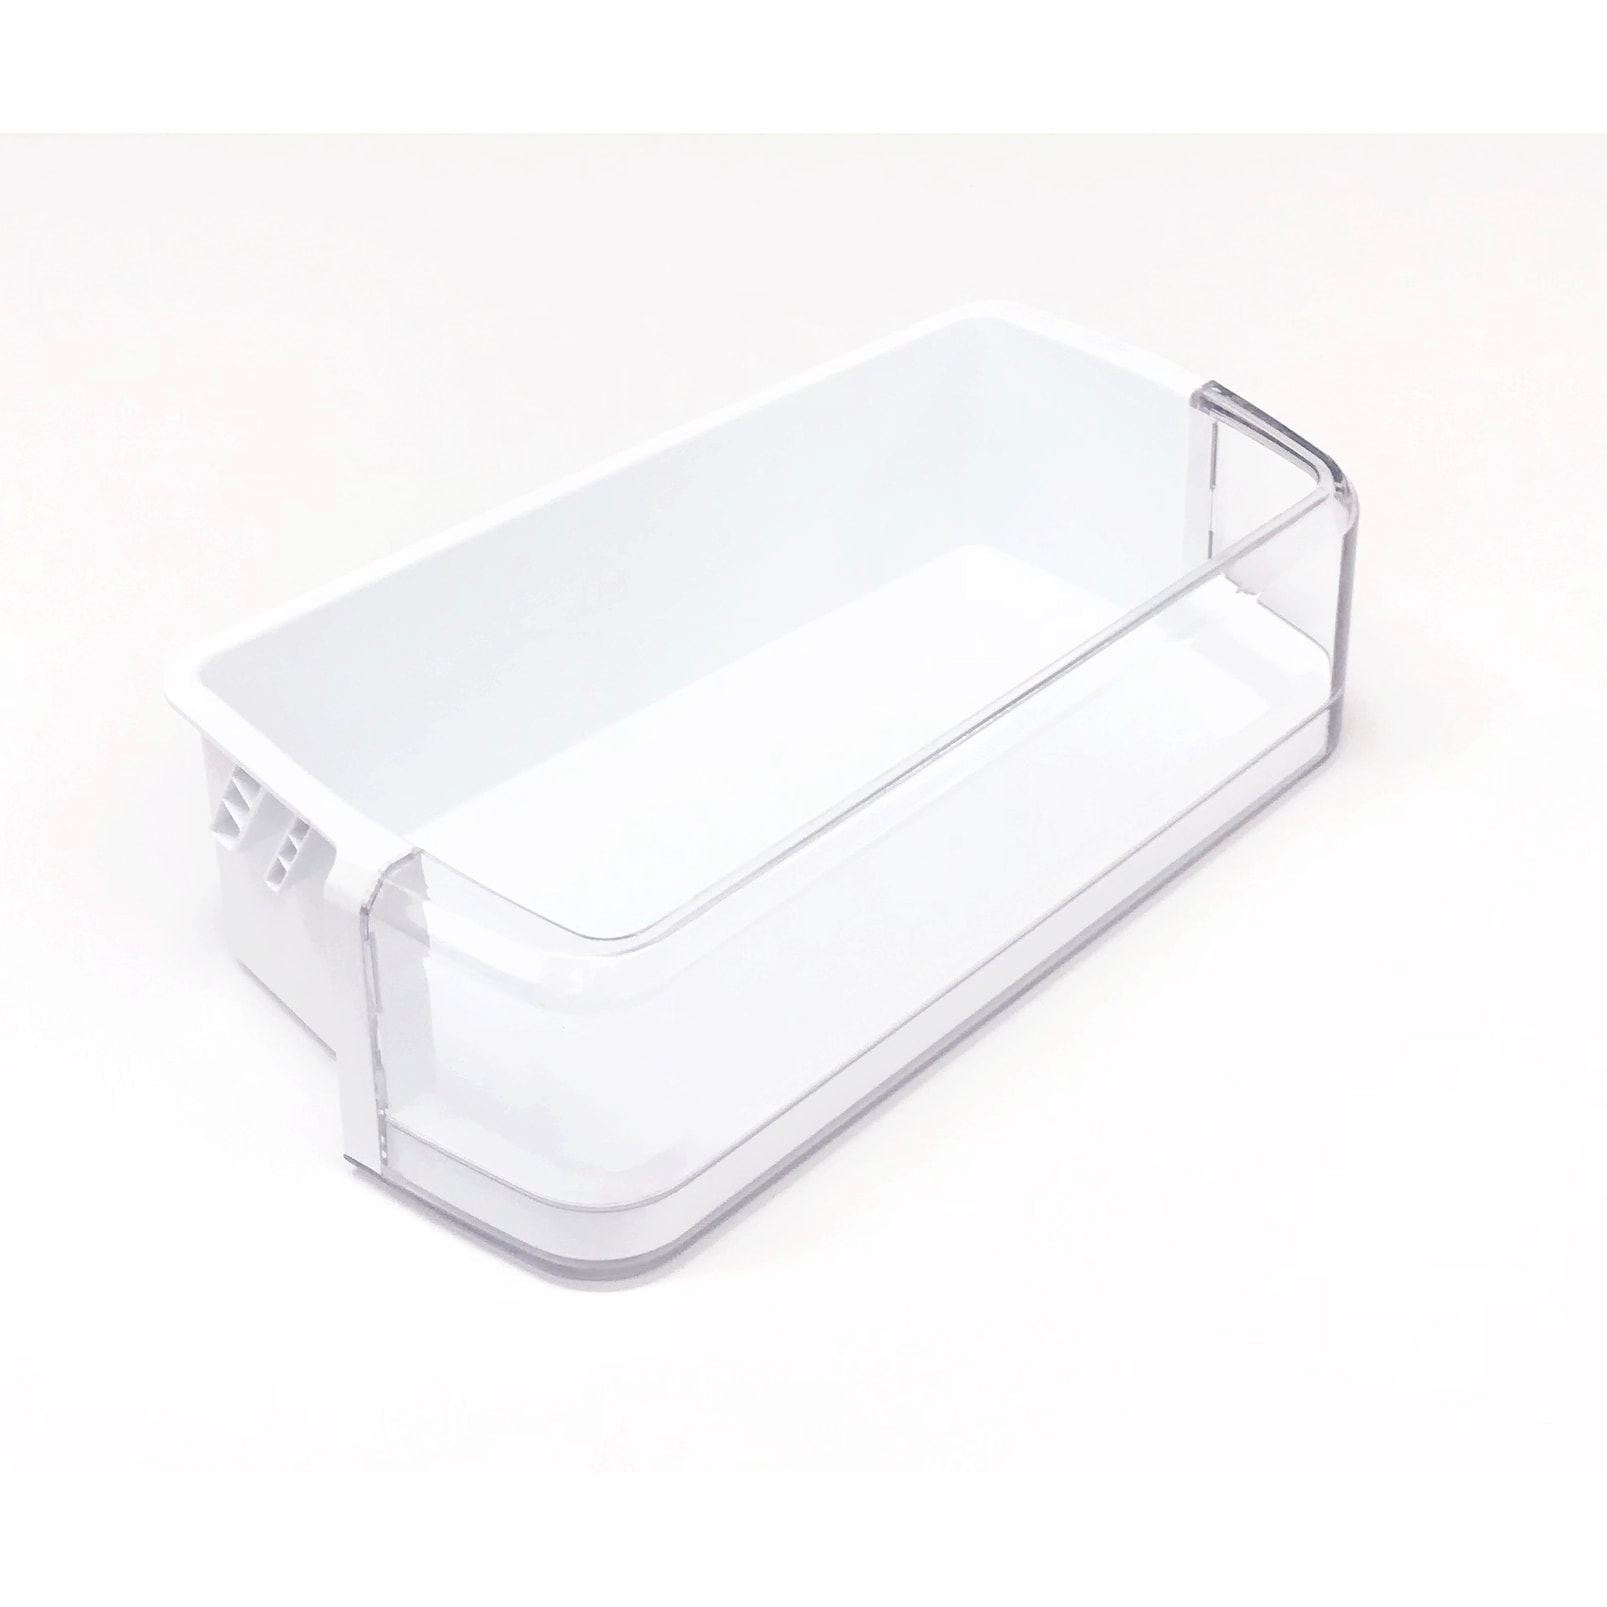 OEM Samsung Rerigerator Door Bin Shipped With RFG238AAPN/XAA, RFG238AARS